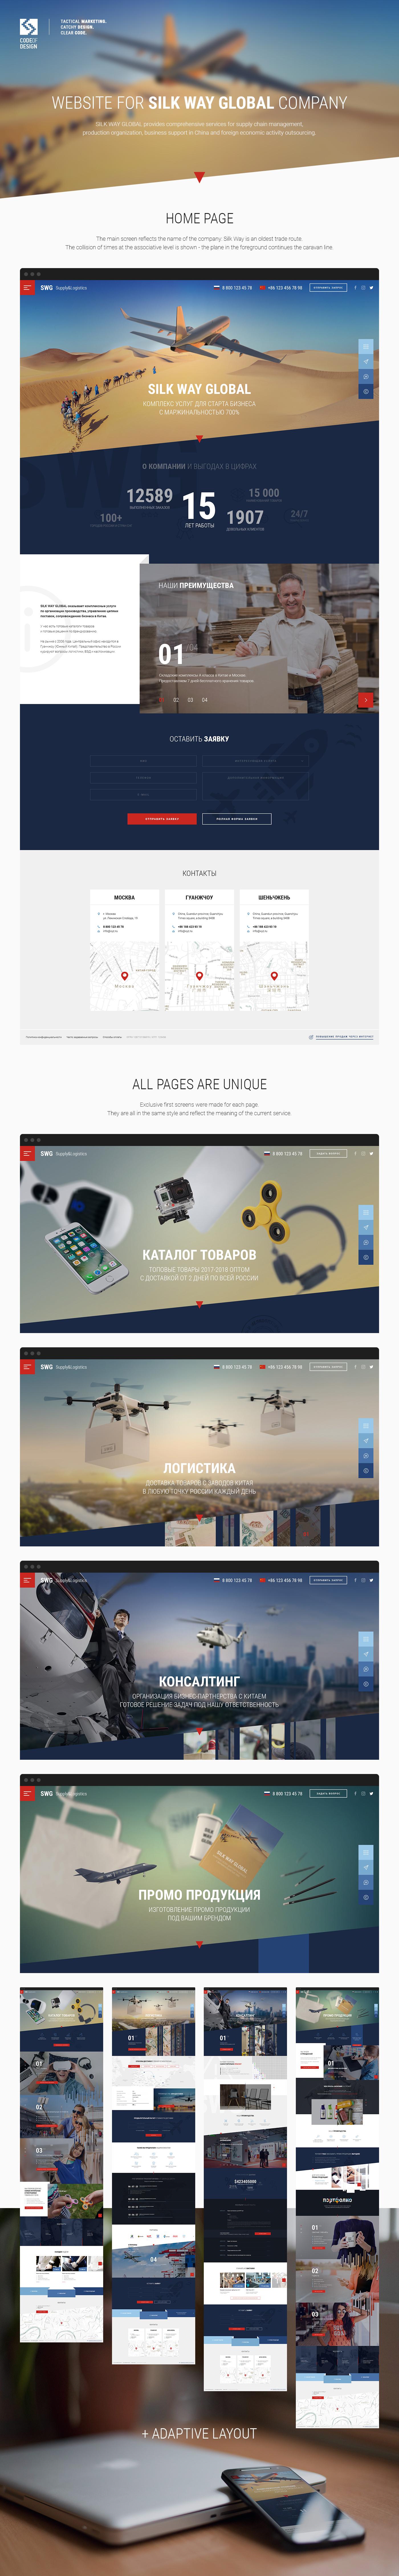 Сайт для SWG, производство и доставка из Китая